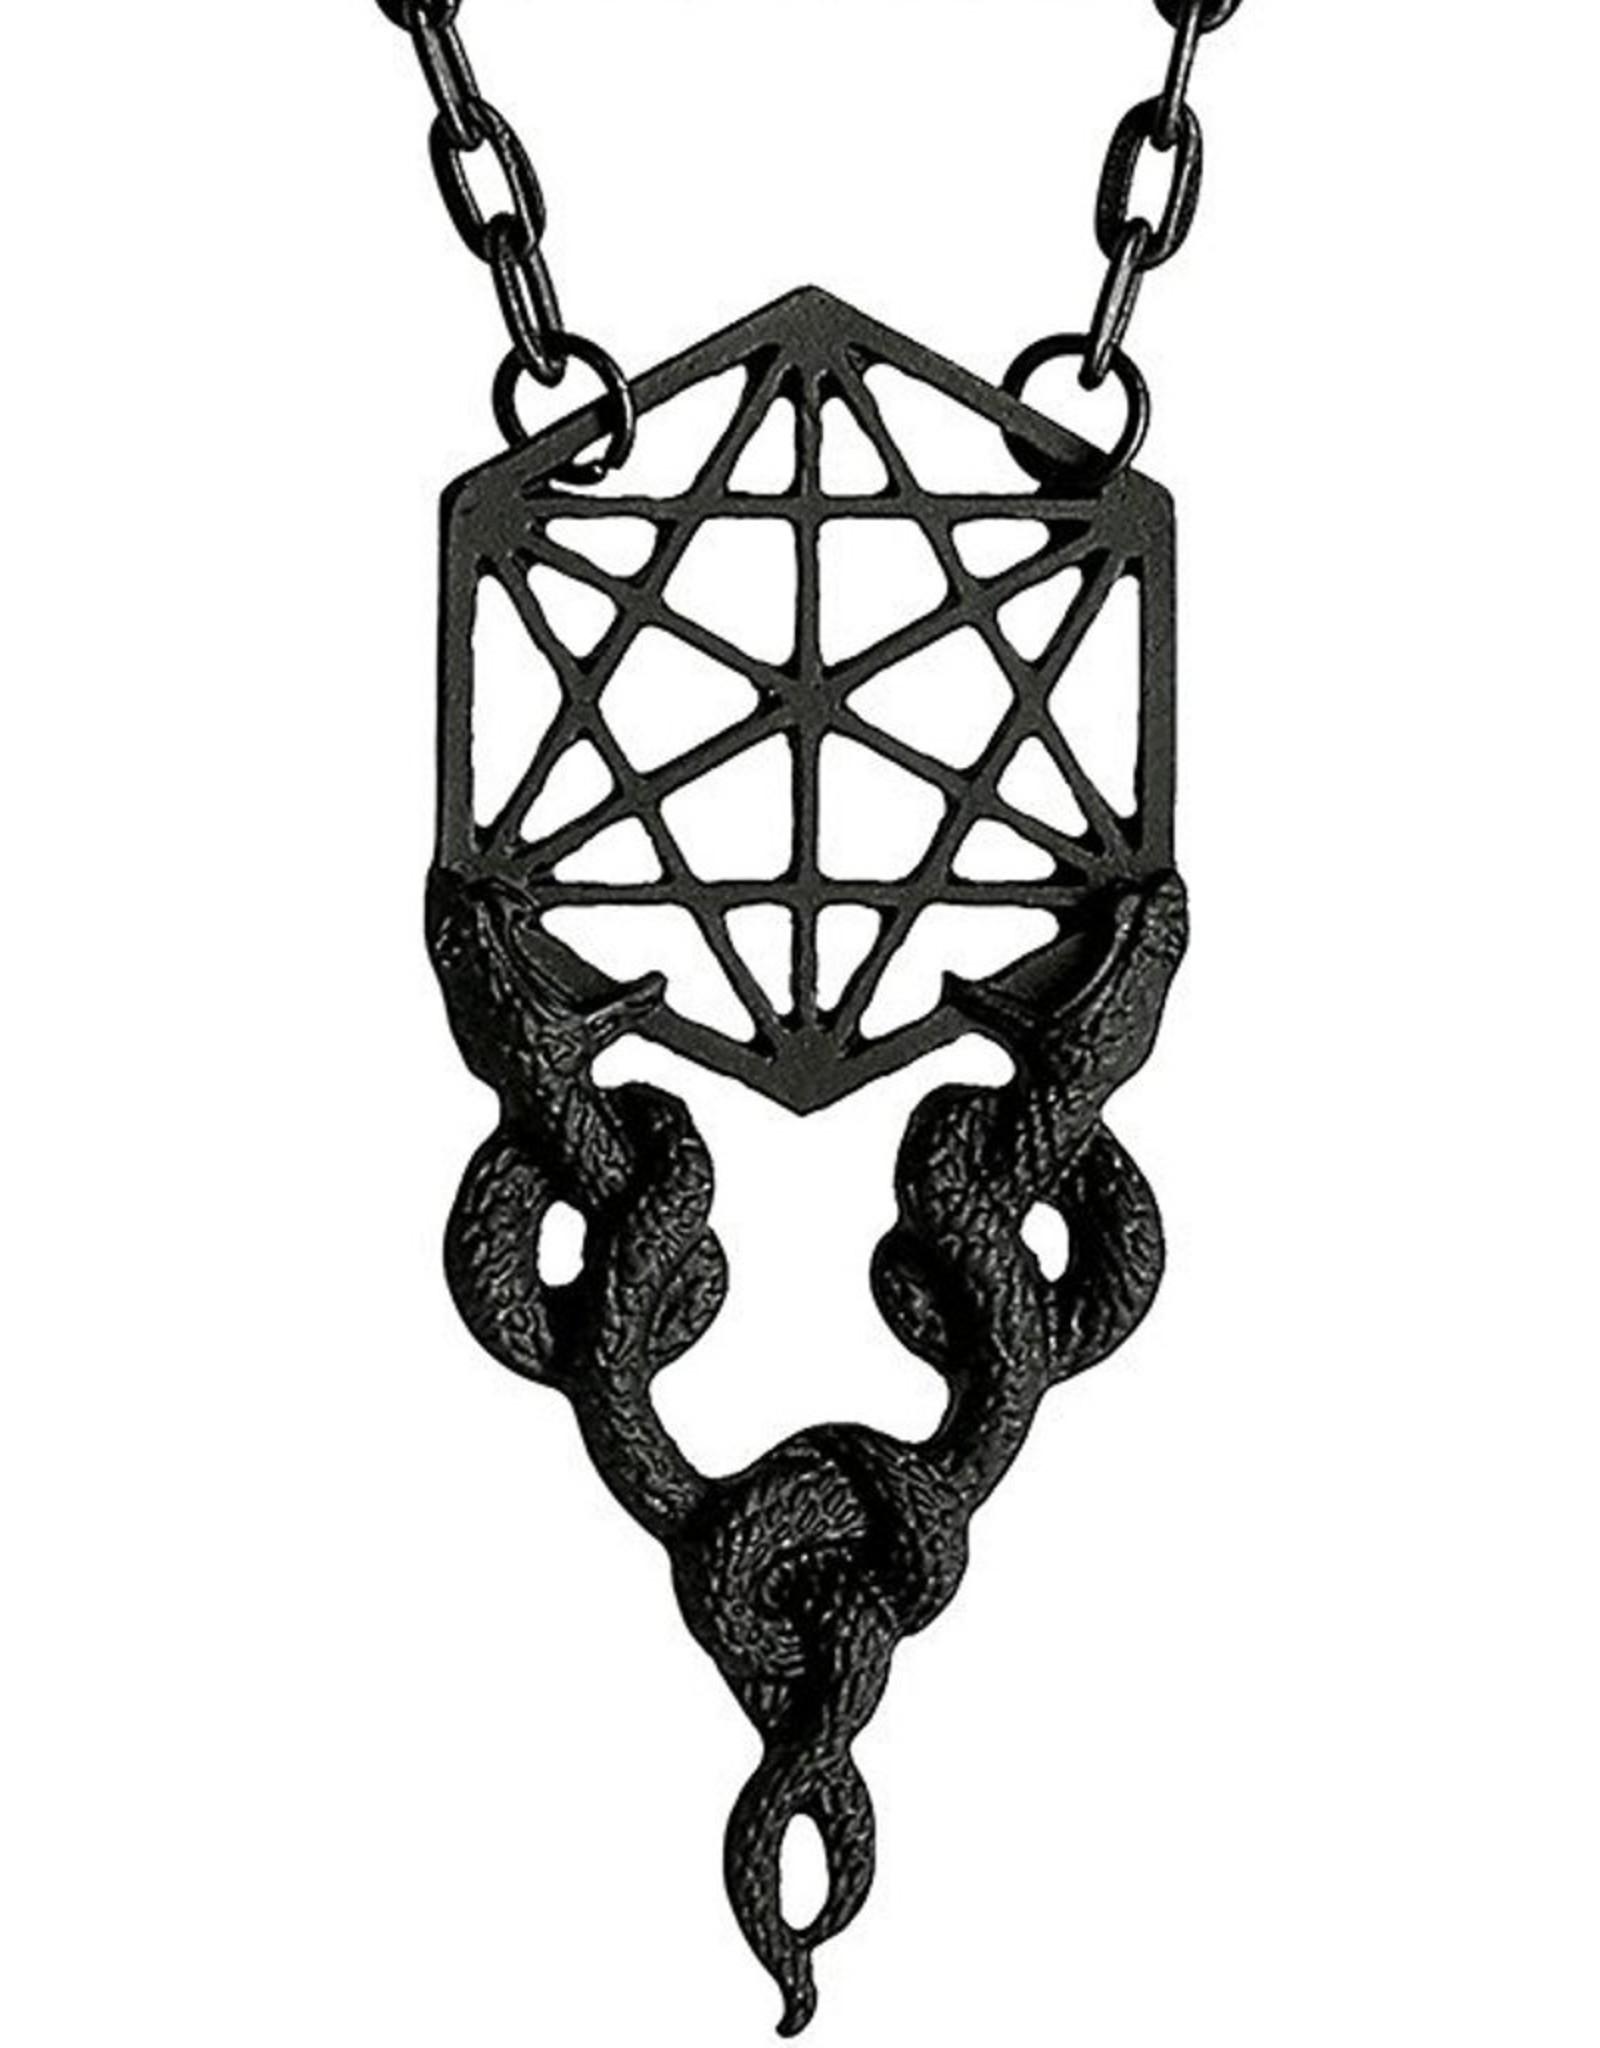 Restyle Gothic sieraden Steampunk sieraden - Ketting met Slangen Sacred Snakes (zwart) - Restyle